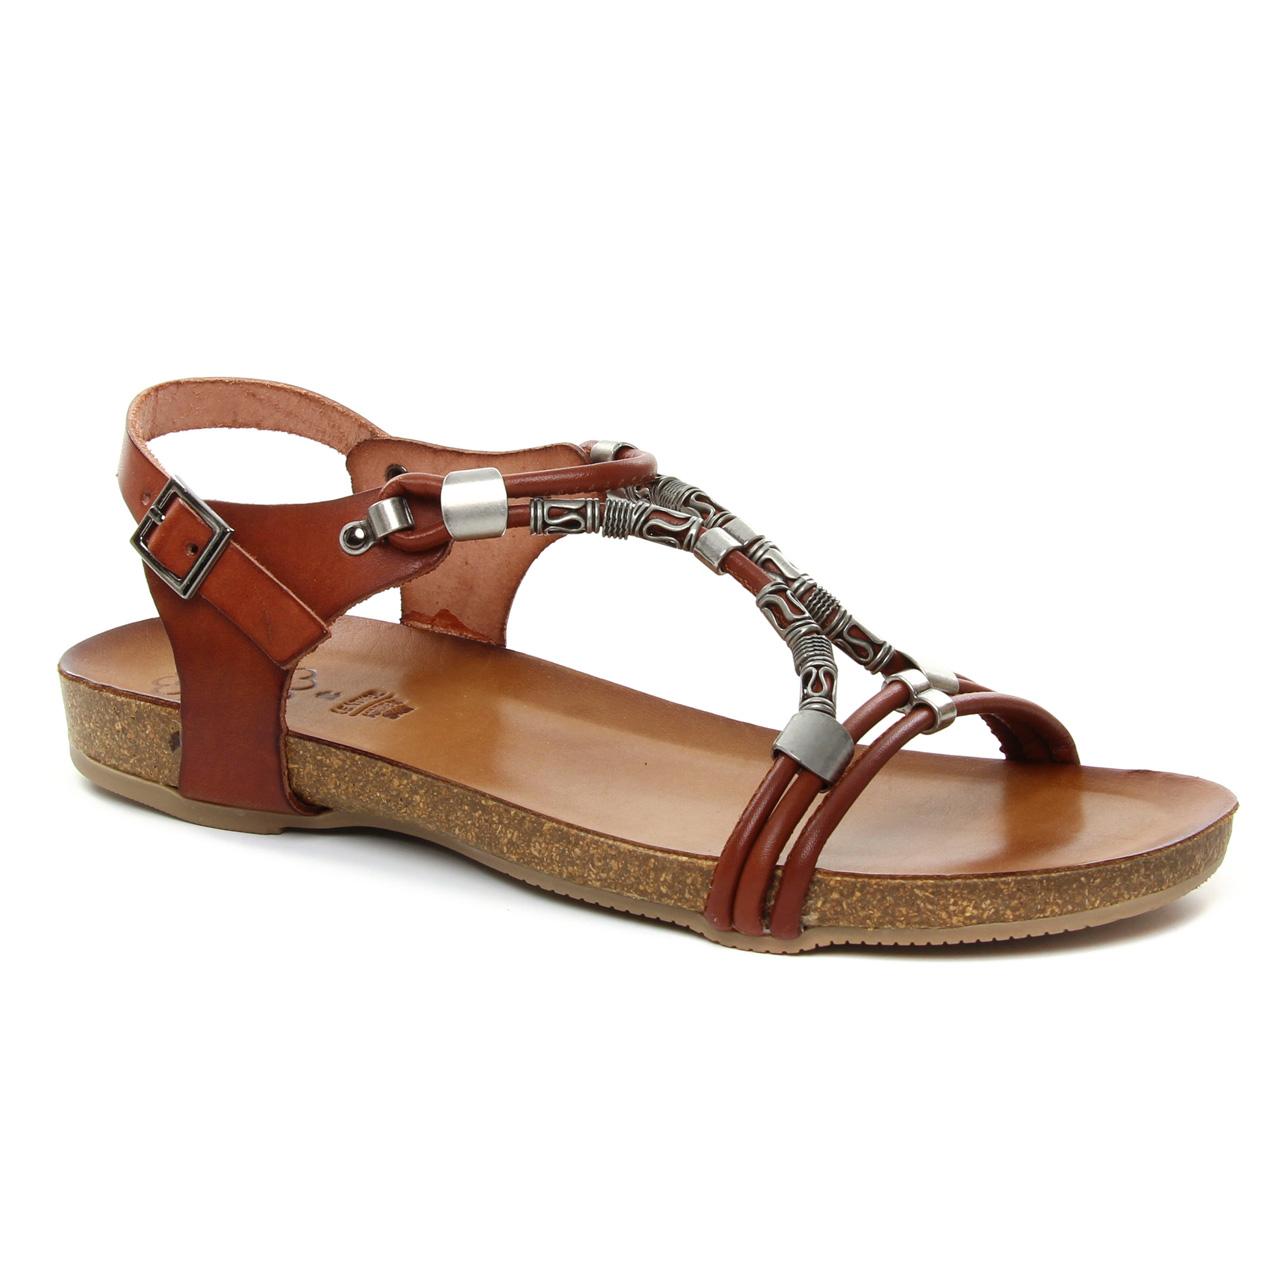 Porronet Fi111 Cuero | sandales marron printemps été chez